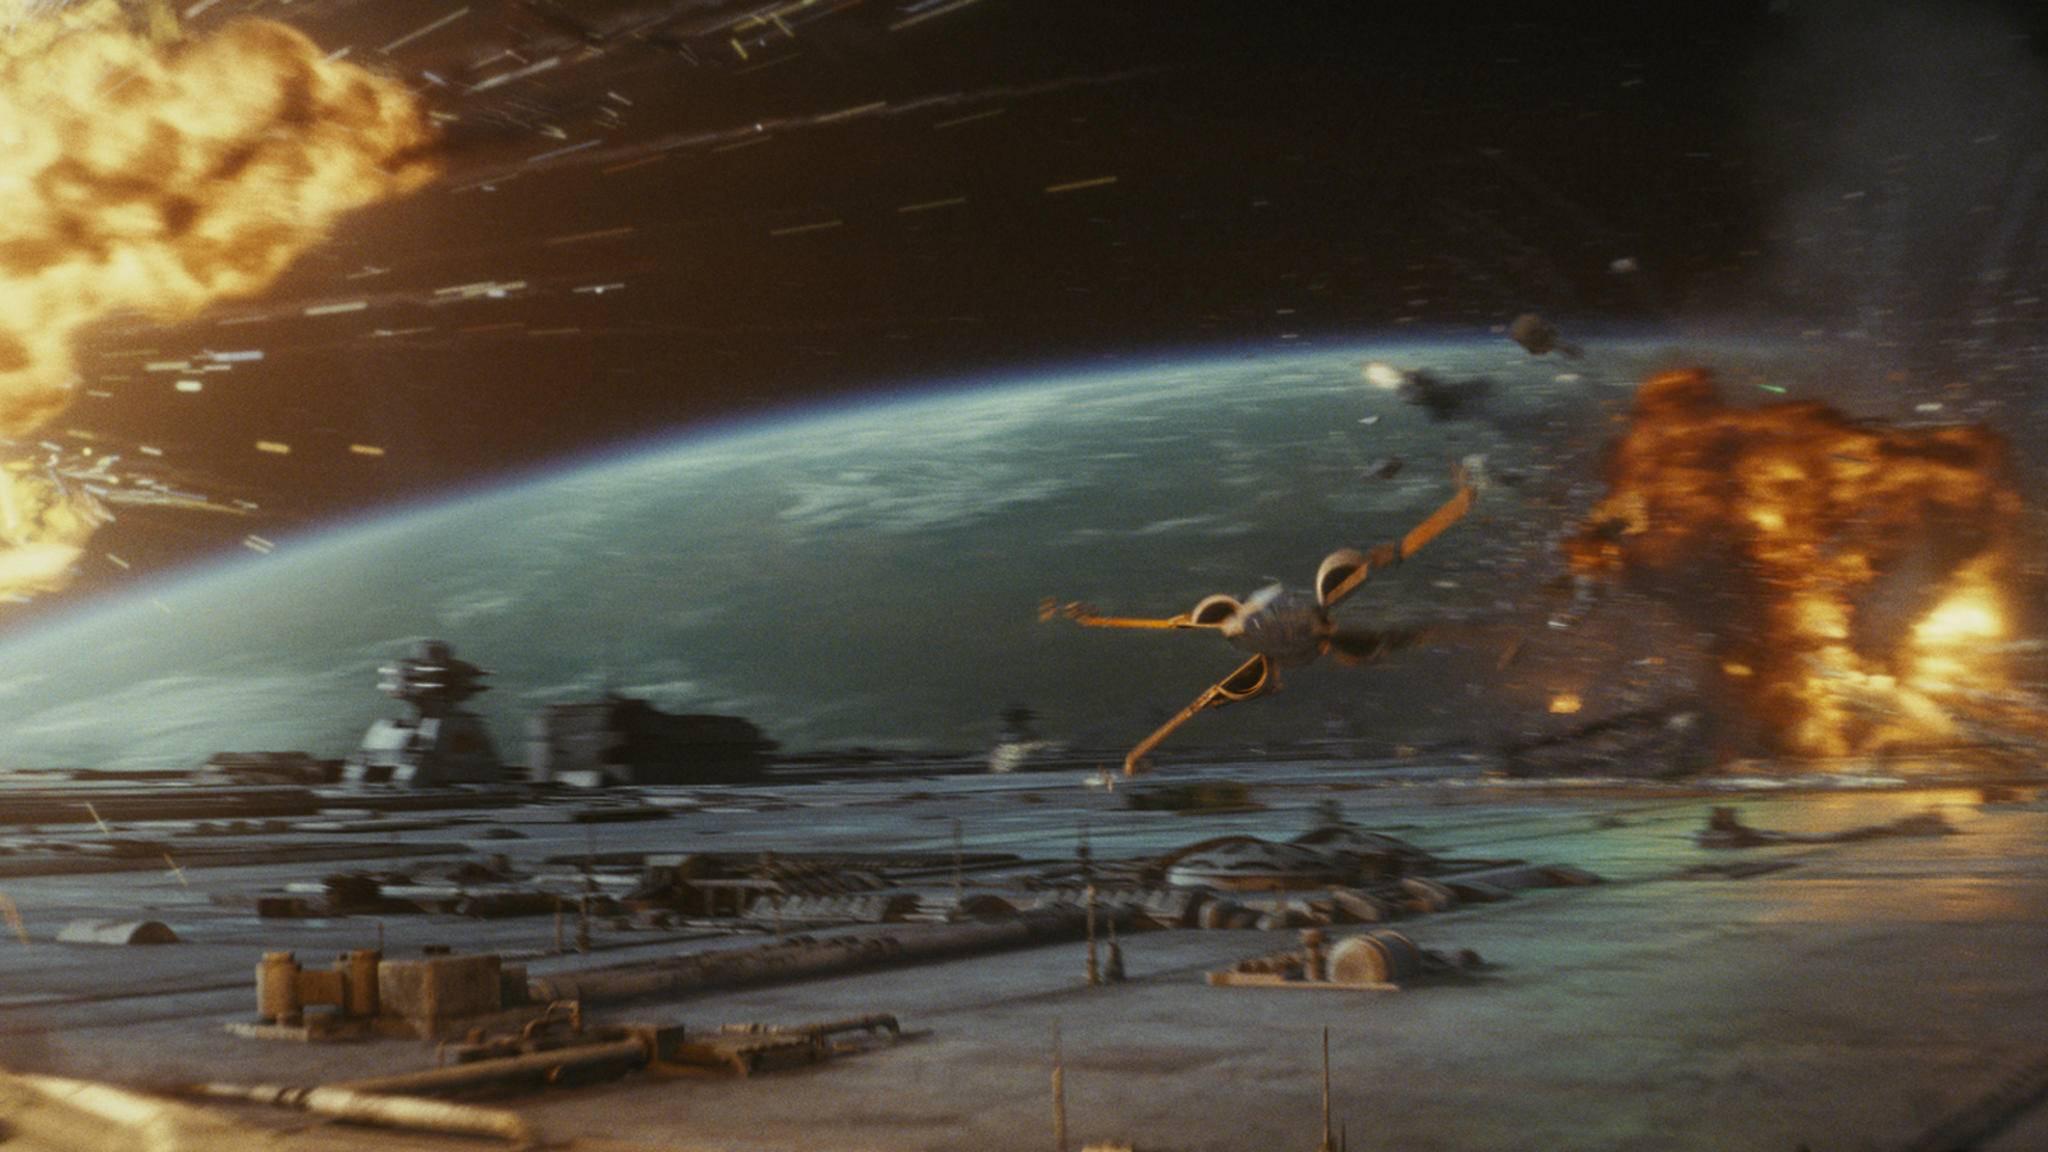 Von den epischen Raumschlachten werden wir künftig noch viel mehr zu sehen bekommen!